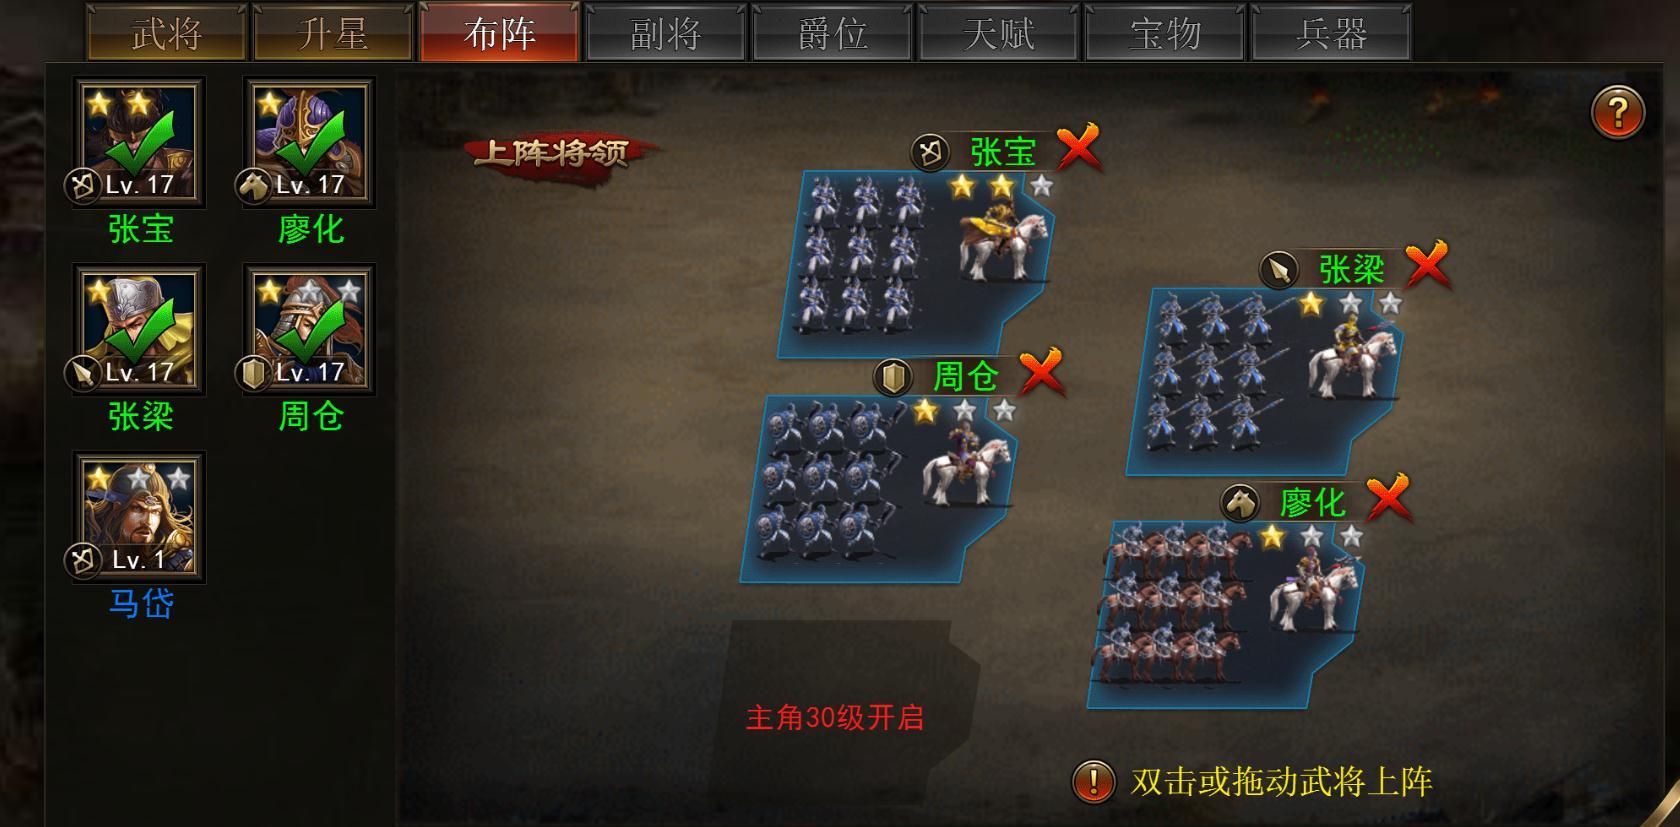 大军师H5平民玩法推荐攻略_大军师游戏攻略_H5手游... _爱手游网